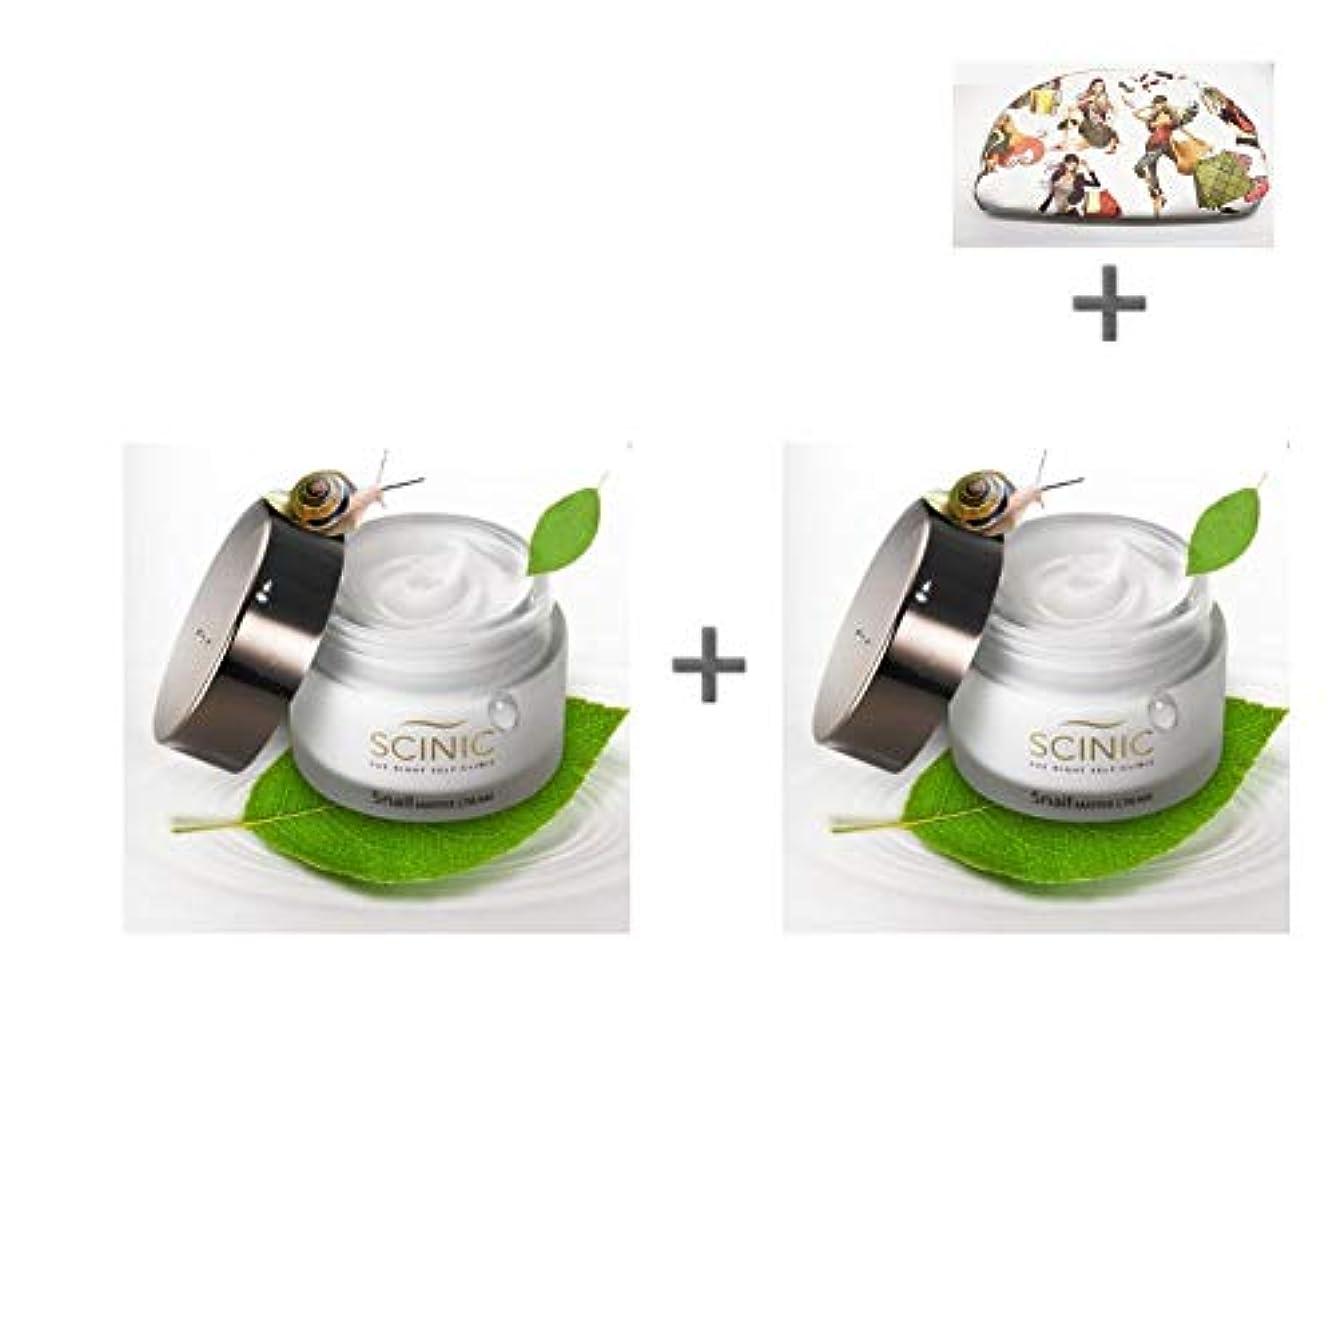 ブースト布月[サイニク] Scinic サイニク カタツムリクリーム ぷりぷり モチーフ肌 保湿 栄養 クリーム 50ml 1+1 / Scinic Snail Cream [海外直送品][並行輸入品]